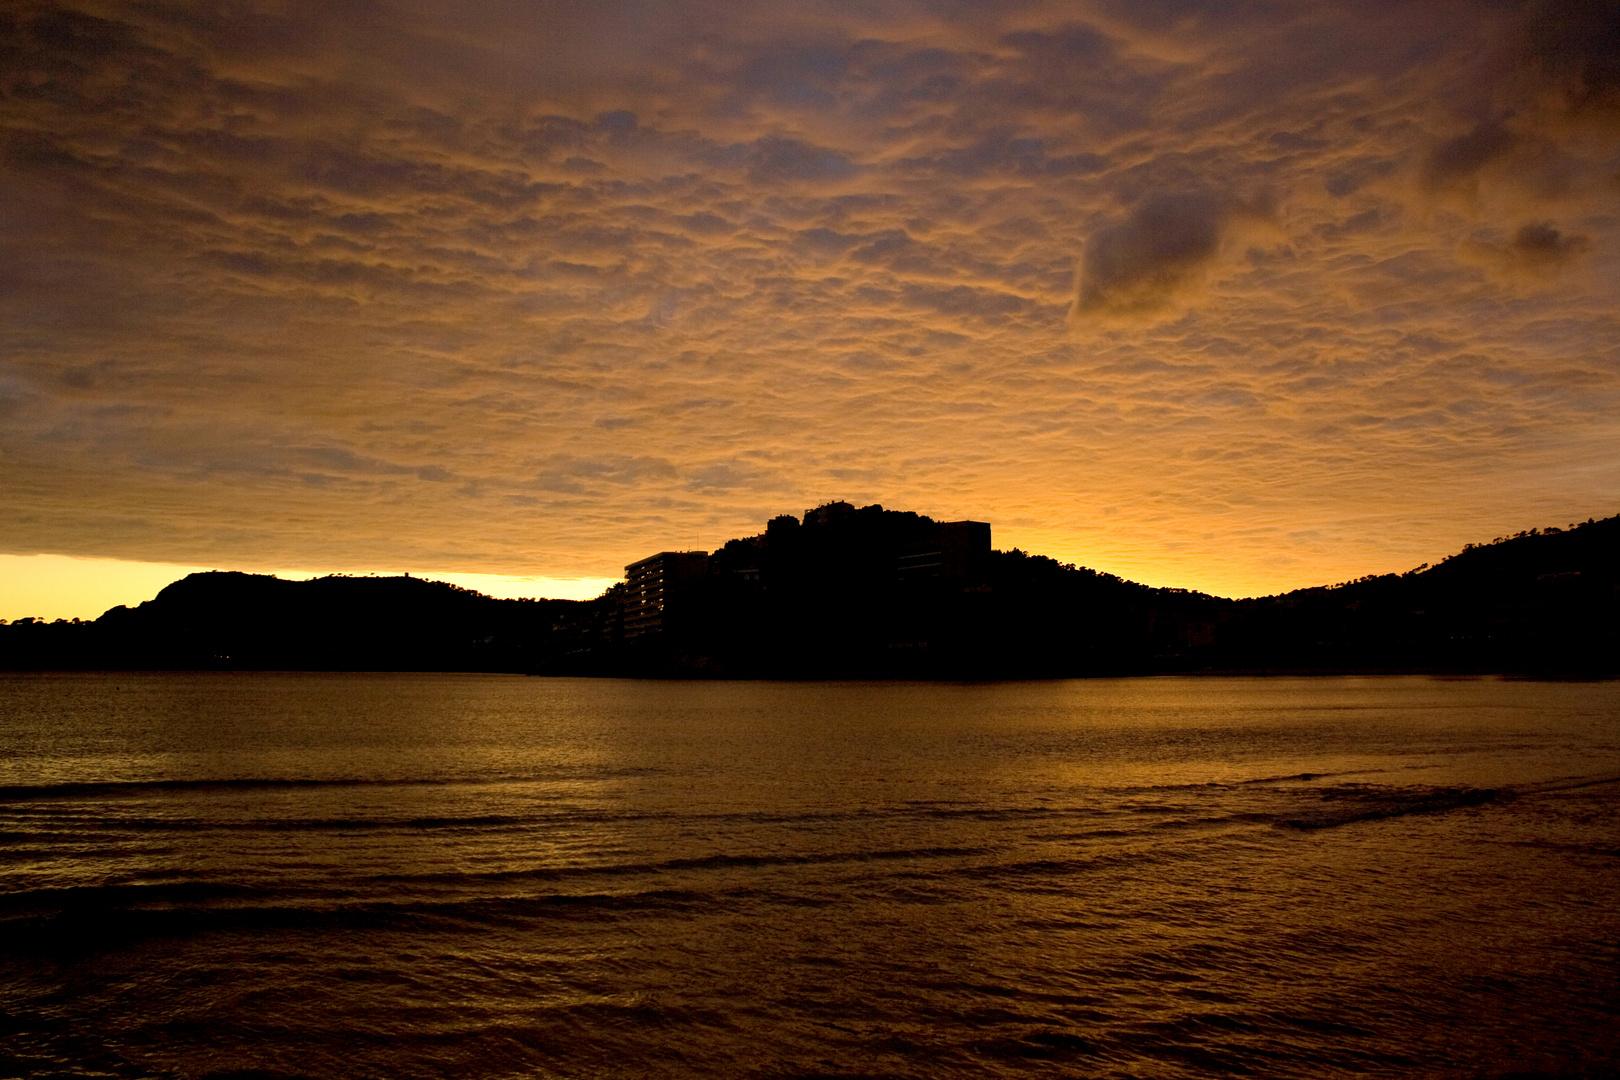 Abendsonne am Mittelmeer.